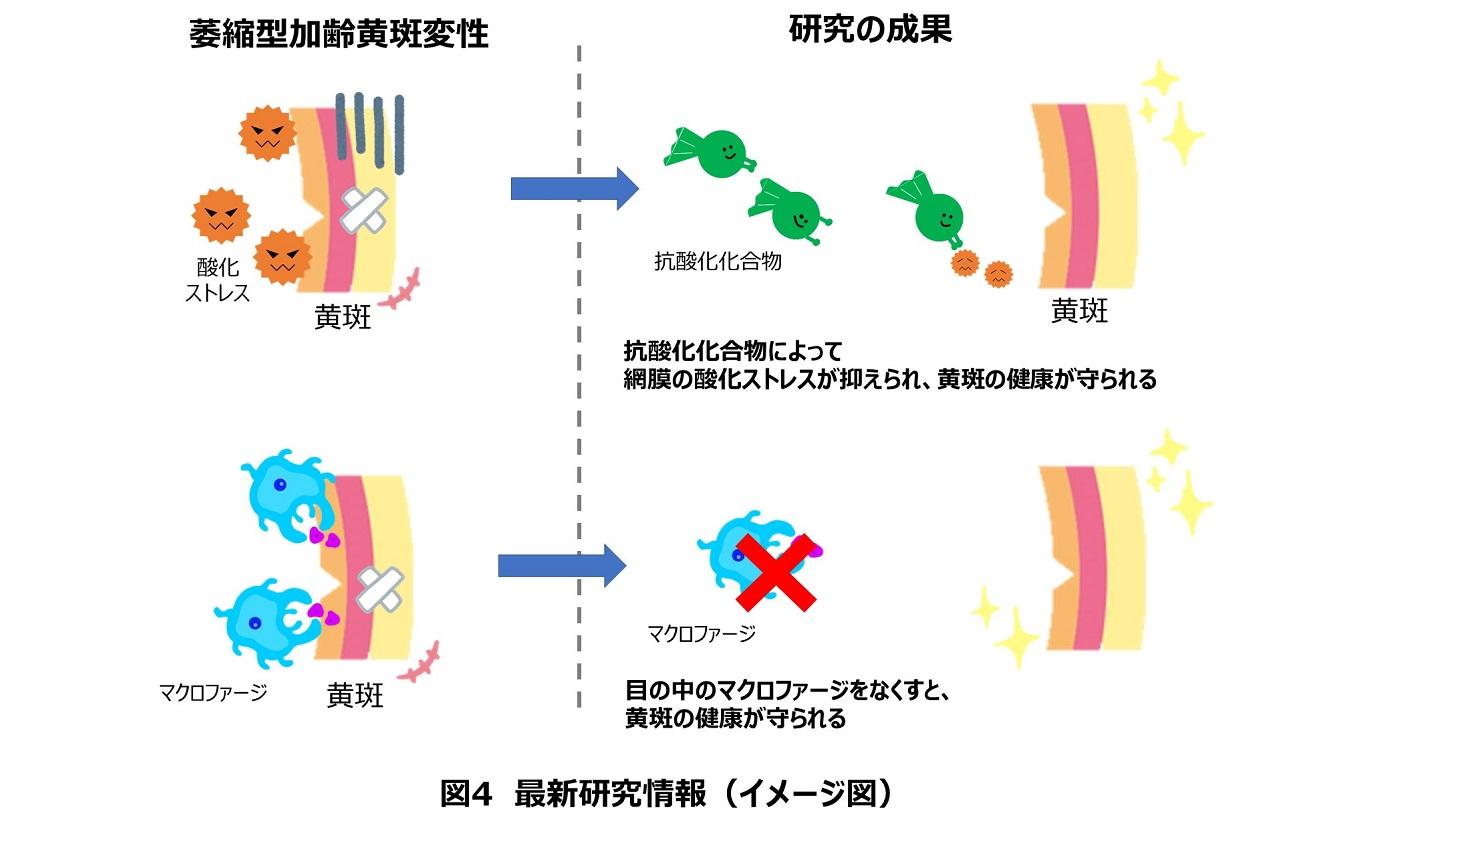 最新研究情報のイメージ図